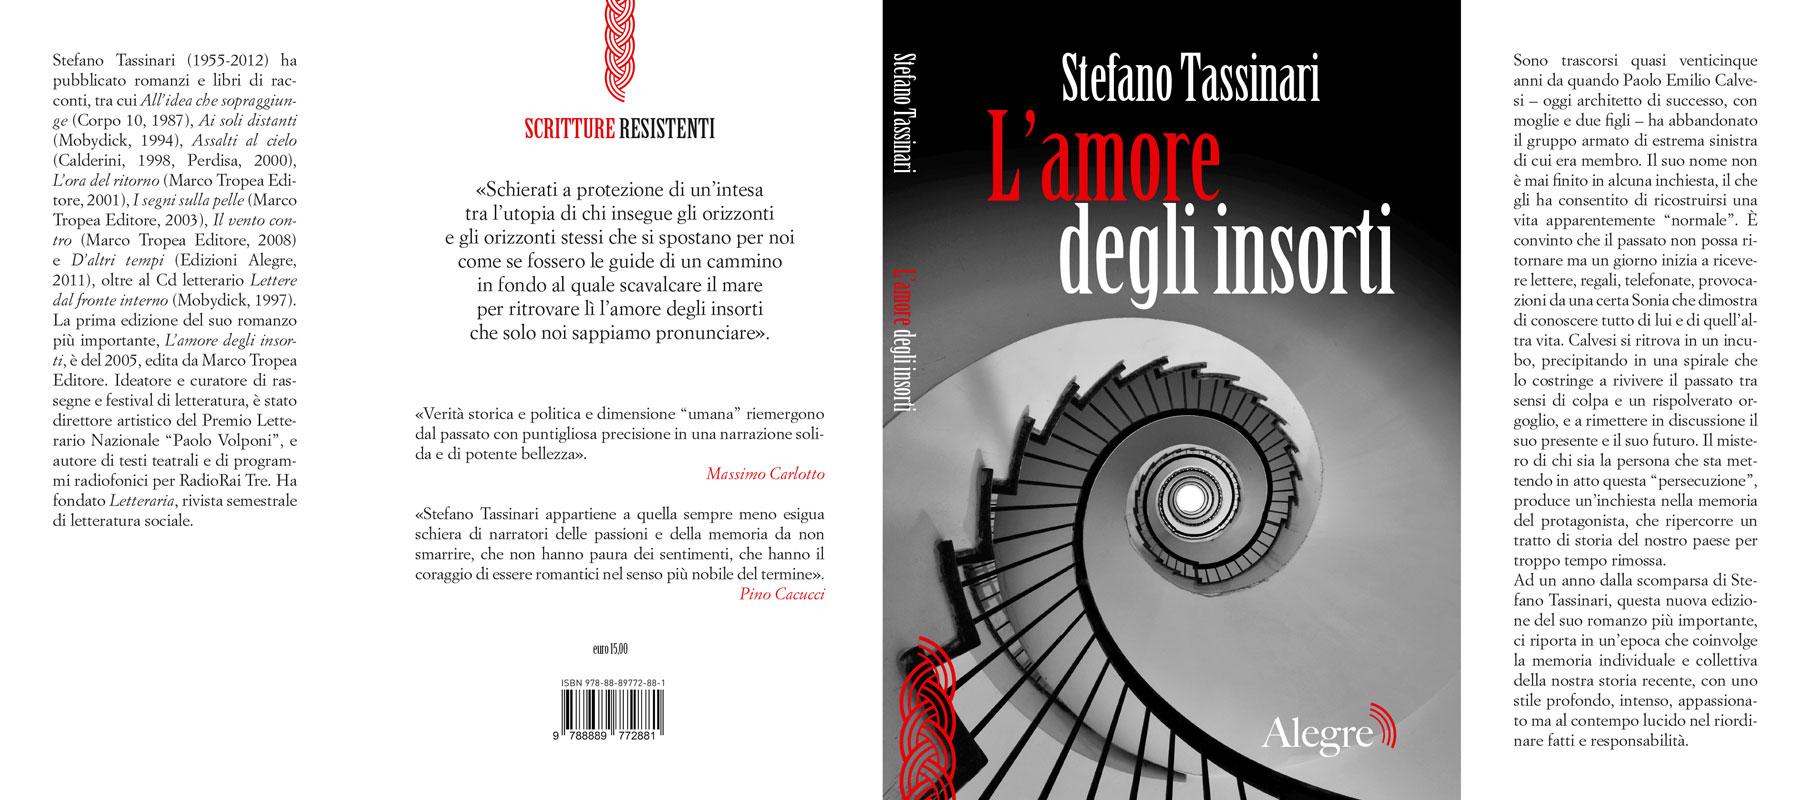 Stefano Tassinari, L'amore degli insorti, stesa